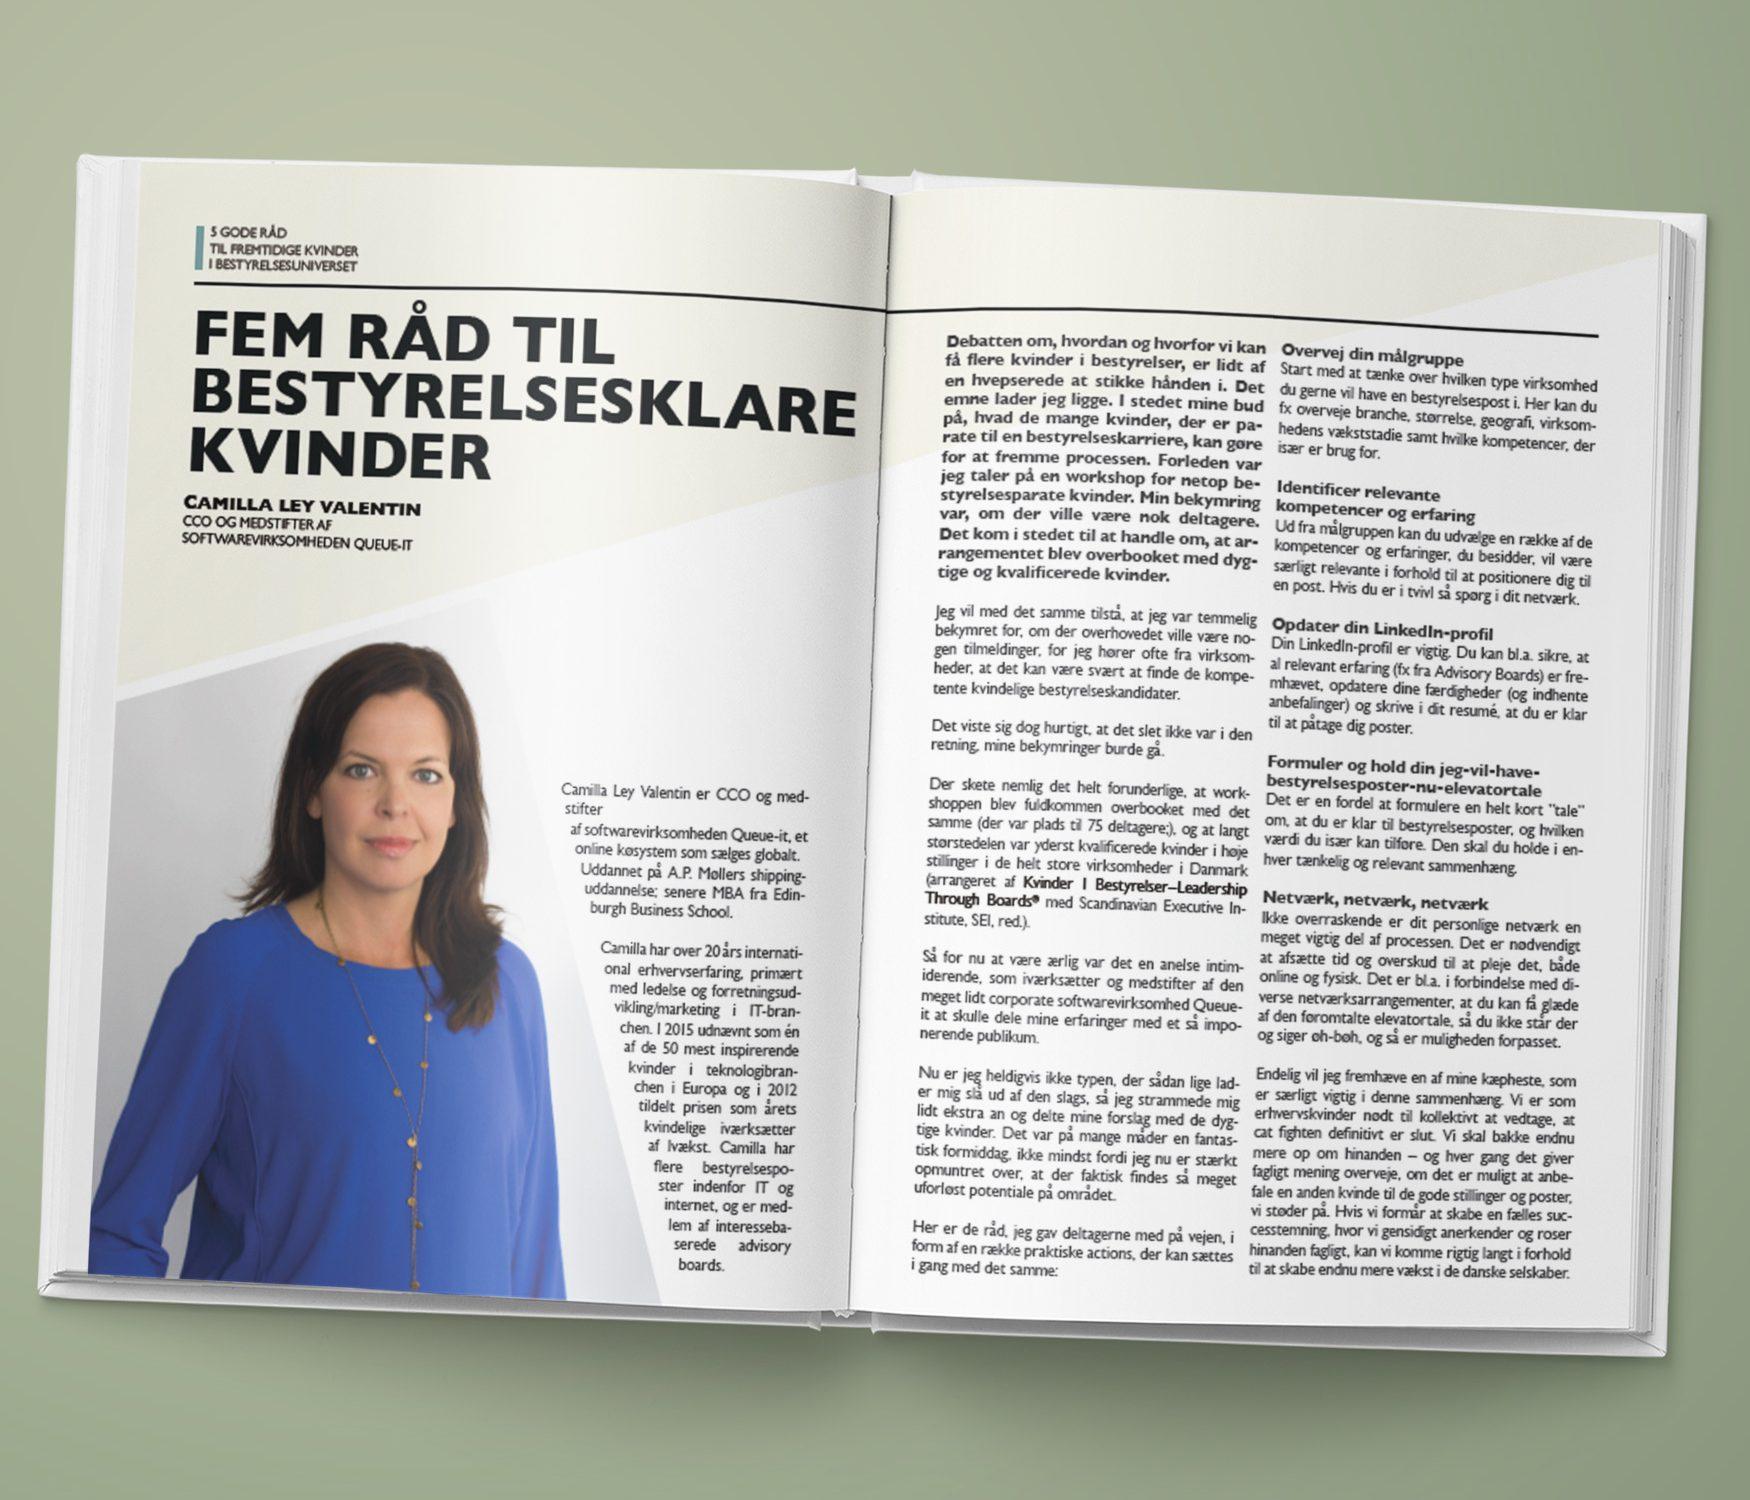 Ladies First| Camilla Ley Valentin, Helle Katholm Knudsen, Annette Otto, Hanne Jessen Krarup og Mie Krog - Fem råd til bestyrelsesklare kvinder